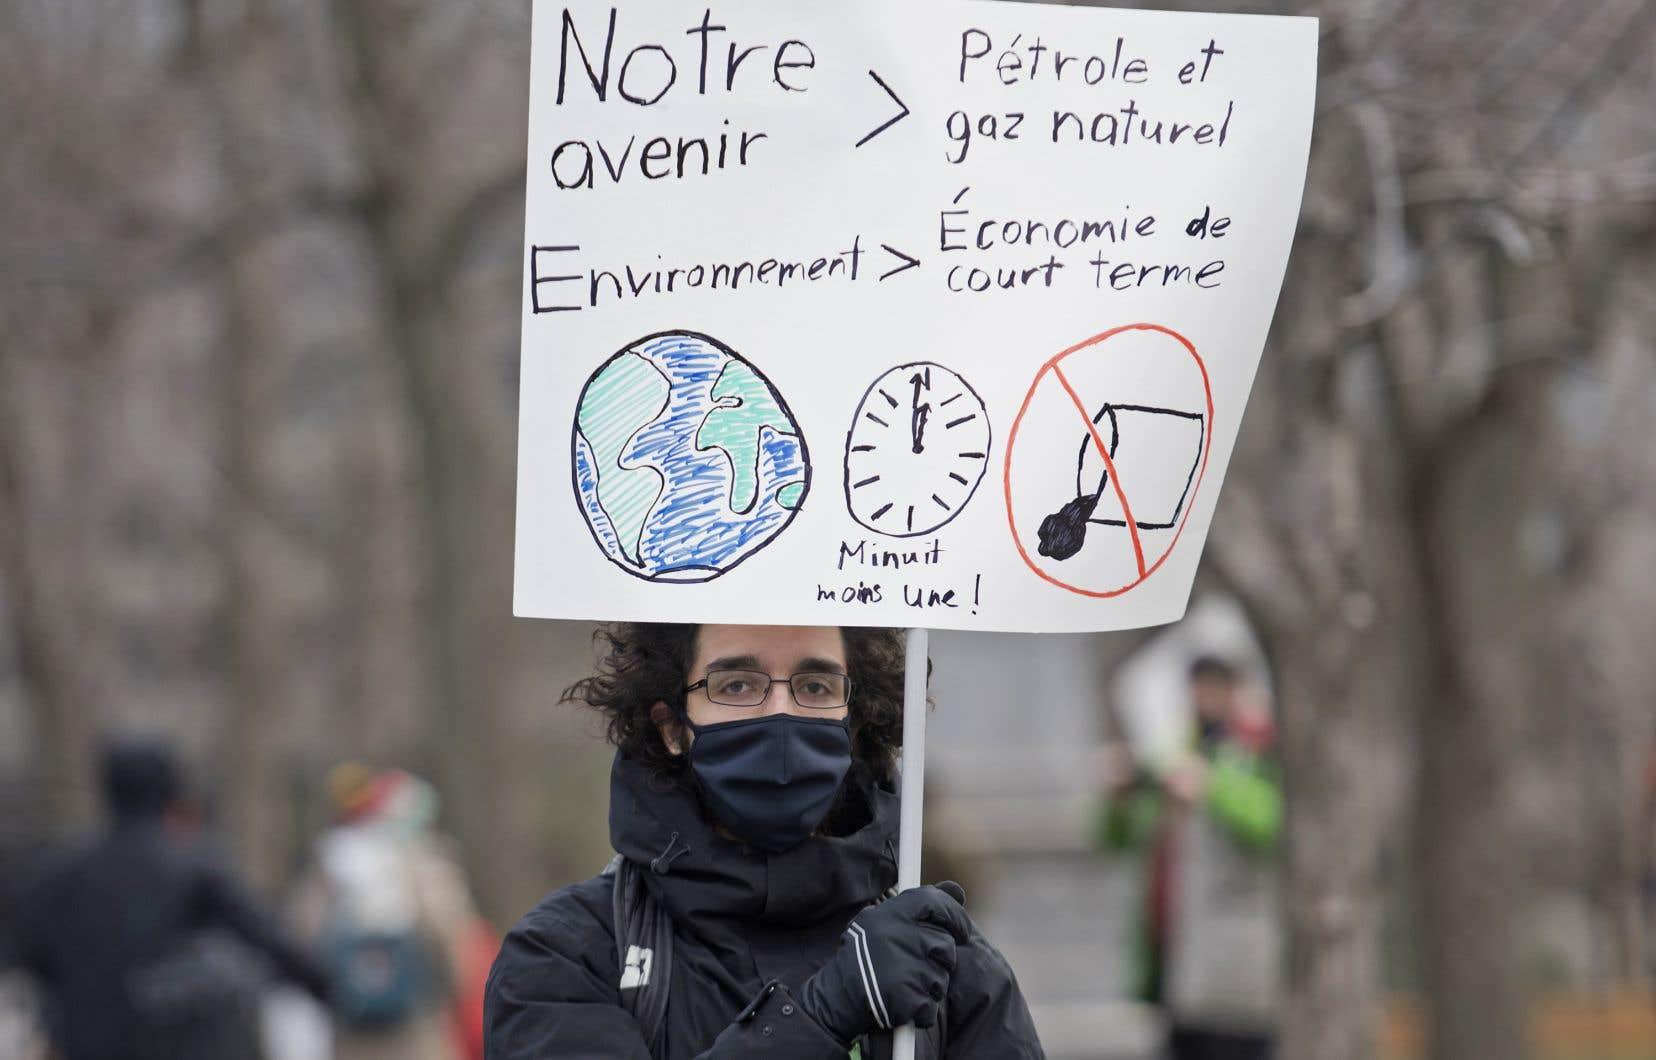 «Tous les projets impliquant le gaz naturel ne sont pas avantageux, mais il est raisonnable de croire que quelques-uns le sont pour la période transitoire actuelle», estime l'auteur.